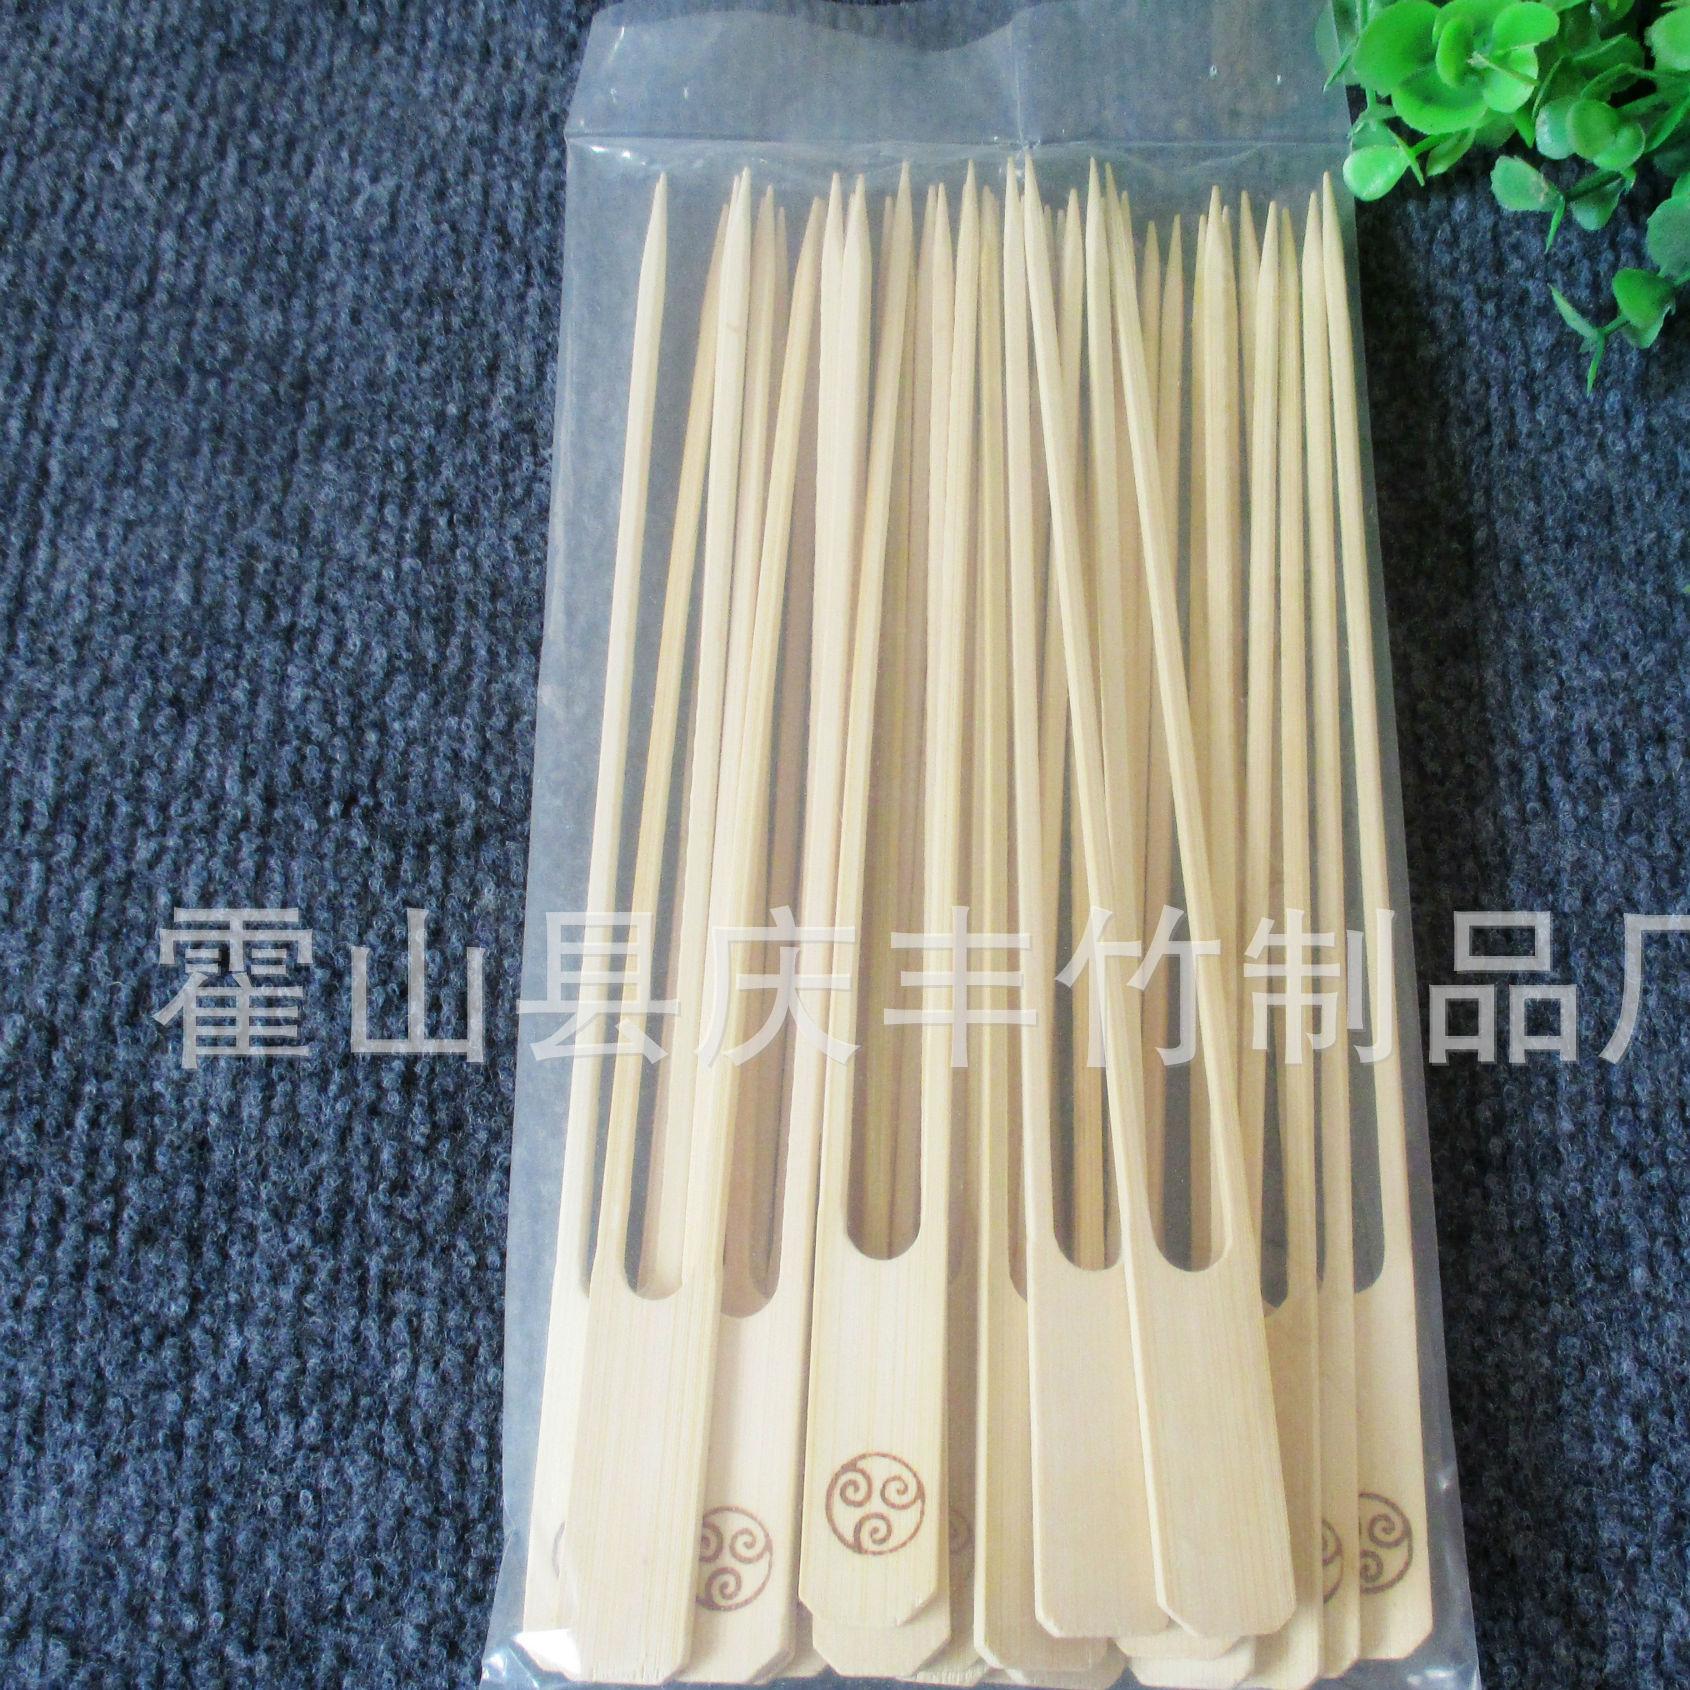 烧烤叉 鸳鸯叉 U型叉 厂家直销 优质竹制品  bamboo BBQ fork